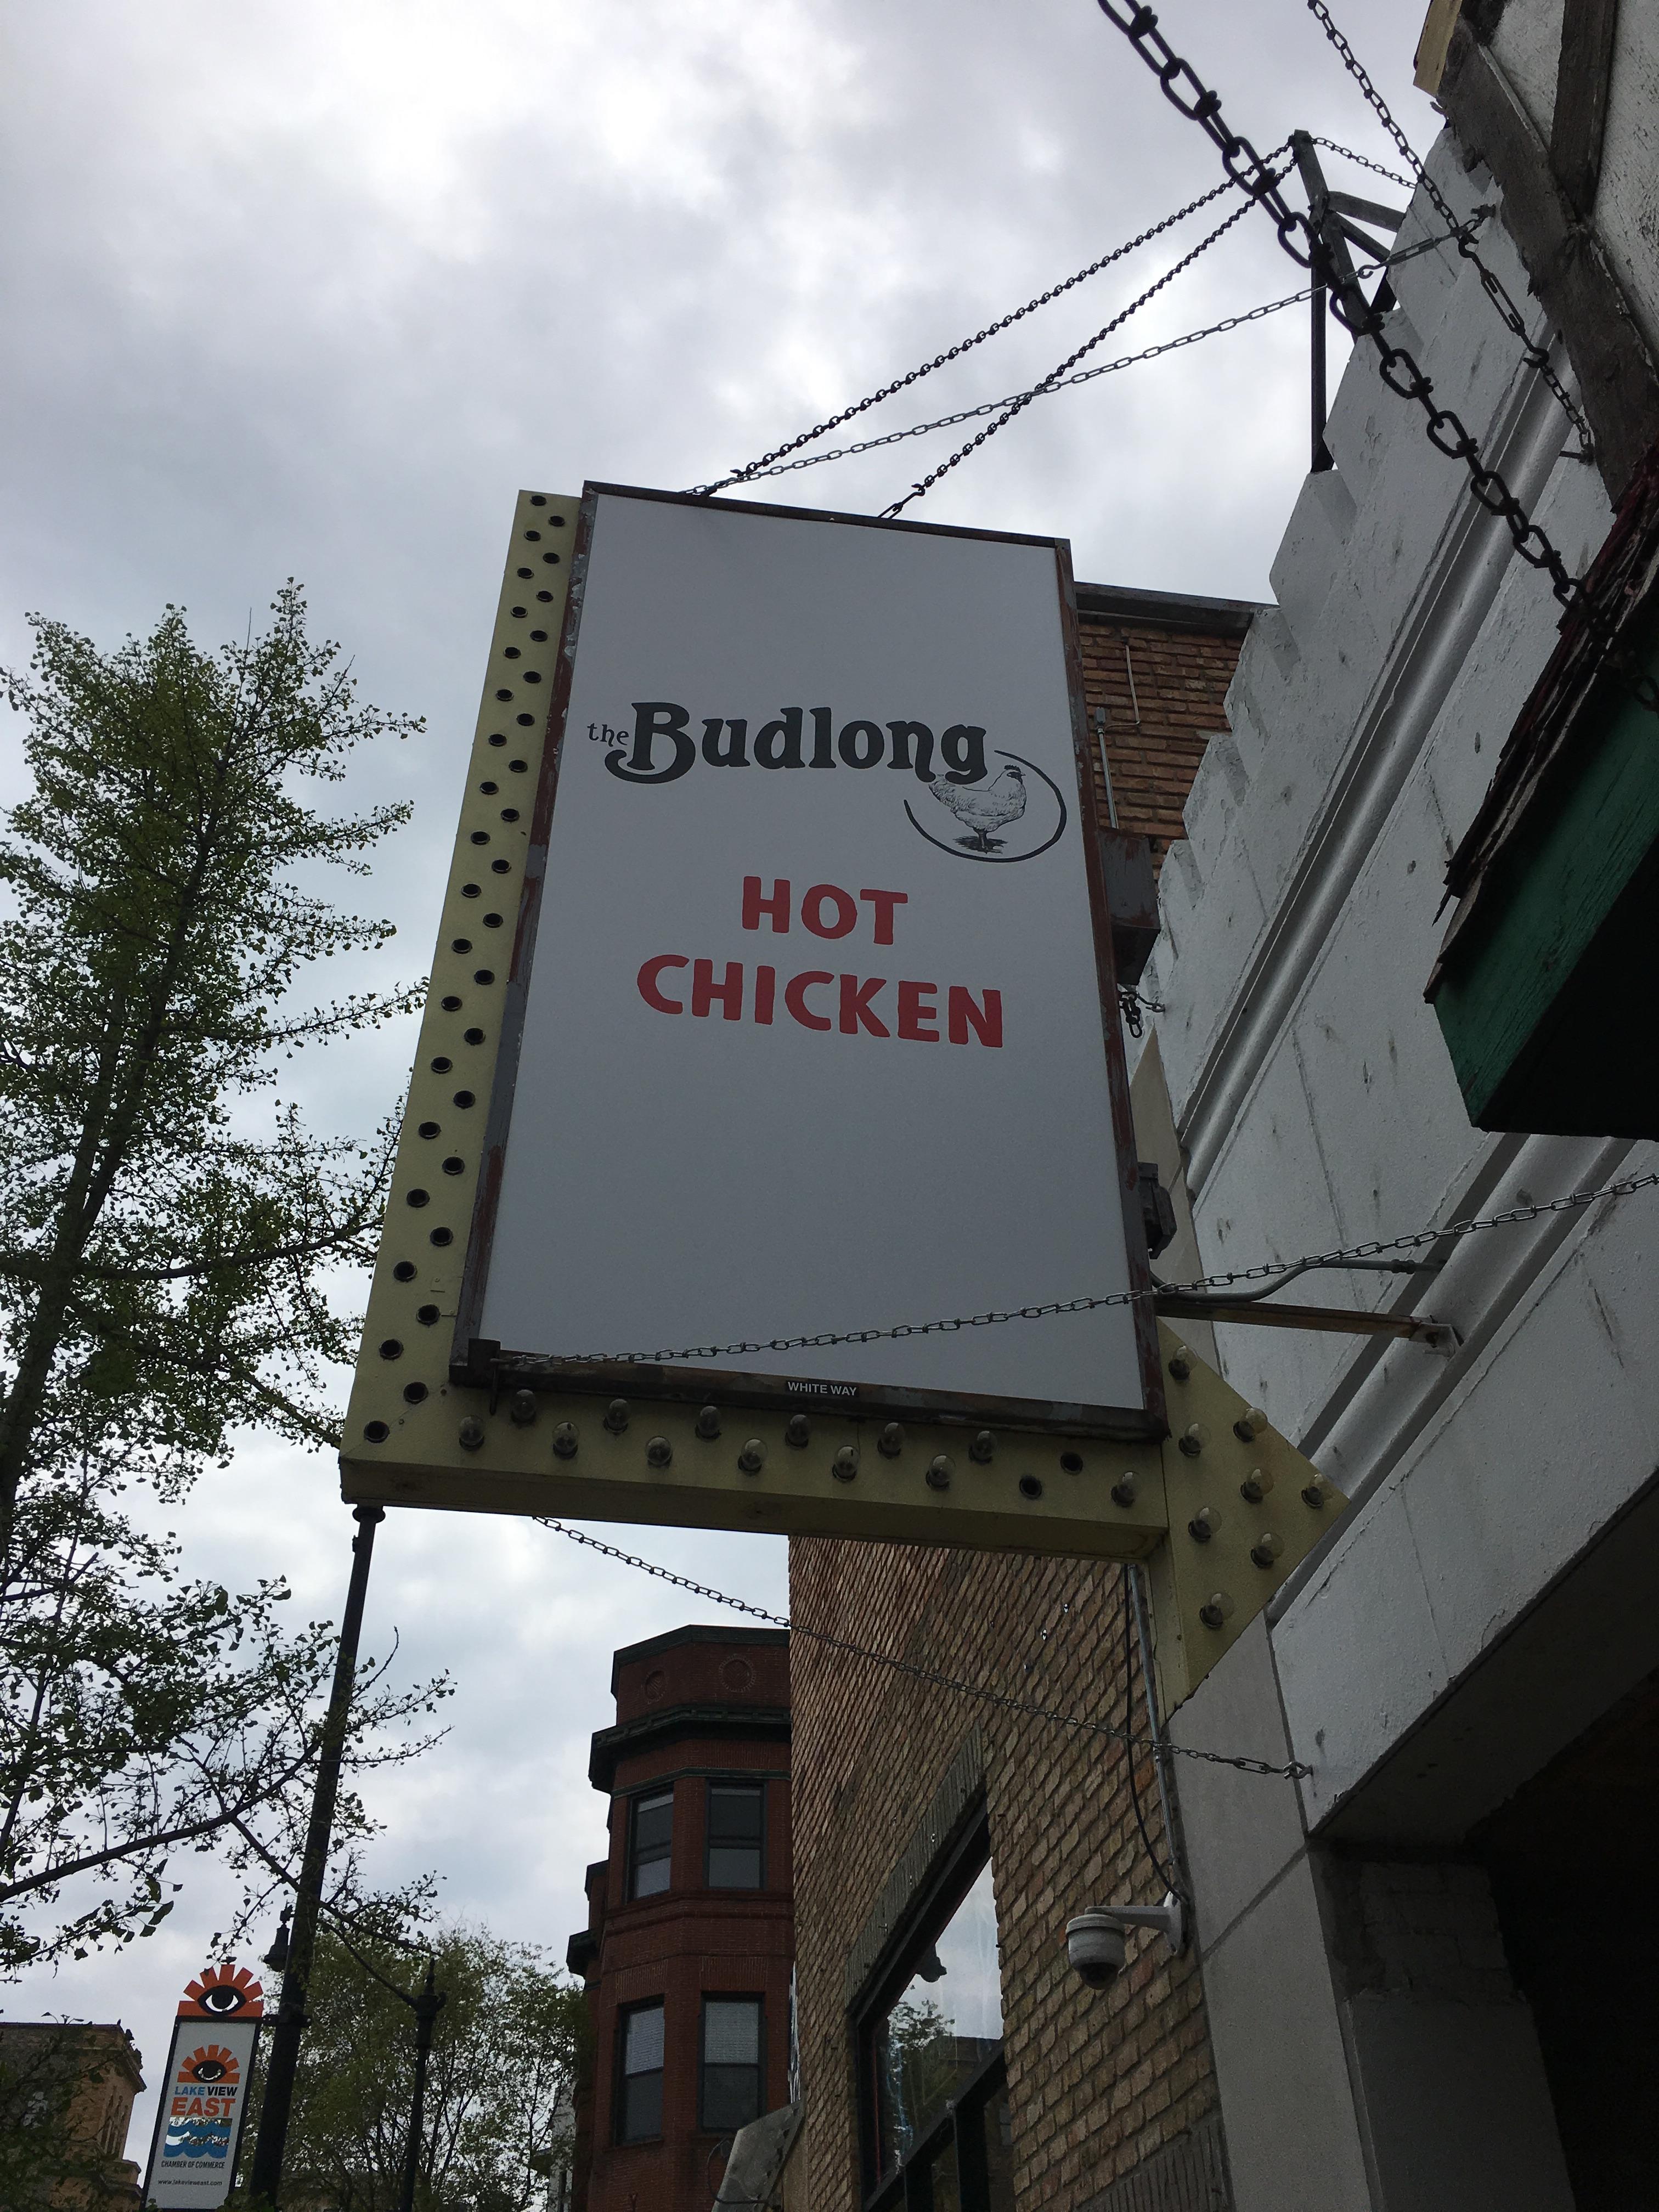 The Budlong